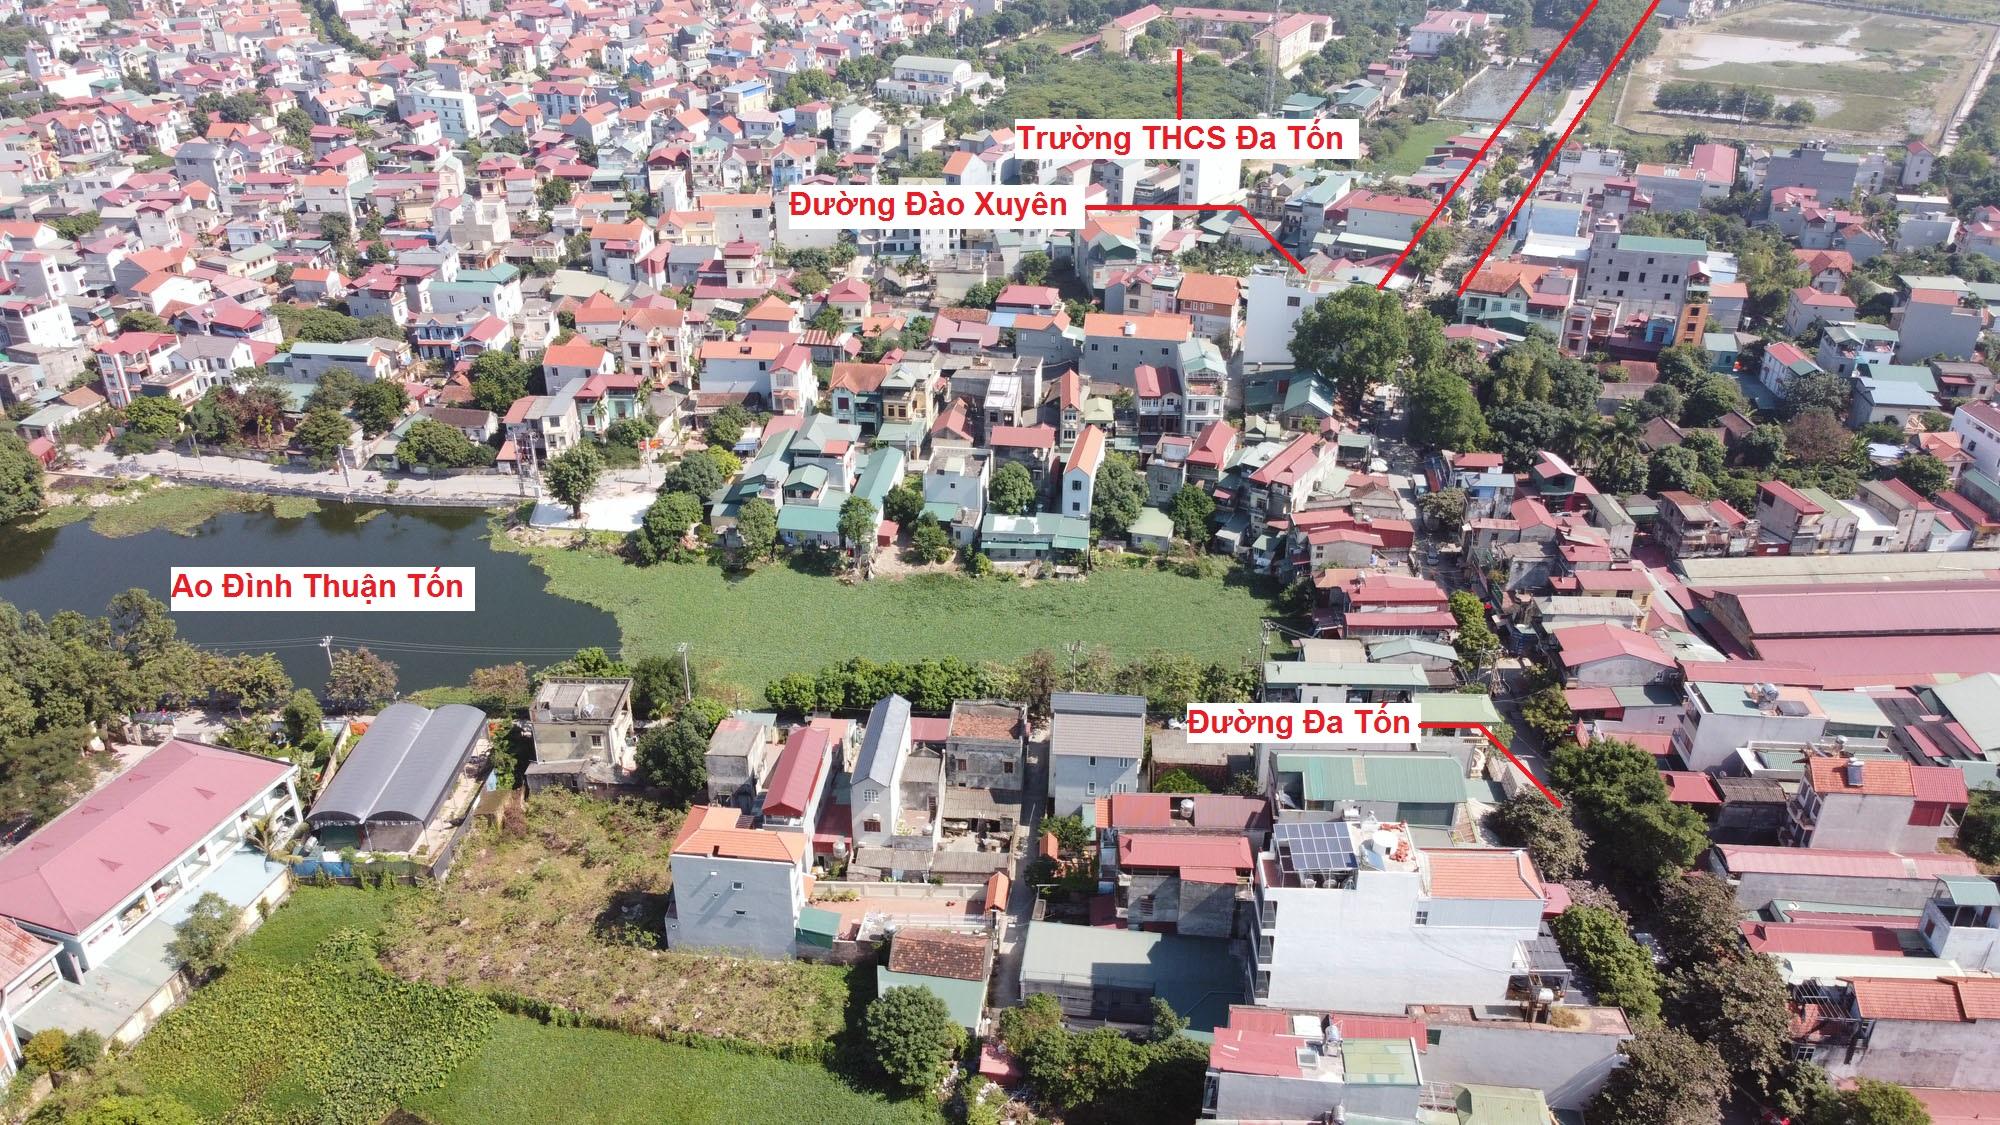 đường sẽ mở theo qui hoạch ở xã Đa Tốn, Gia Lâm, Hà Nội - Ảnh 3.